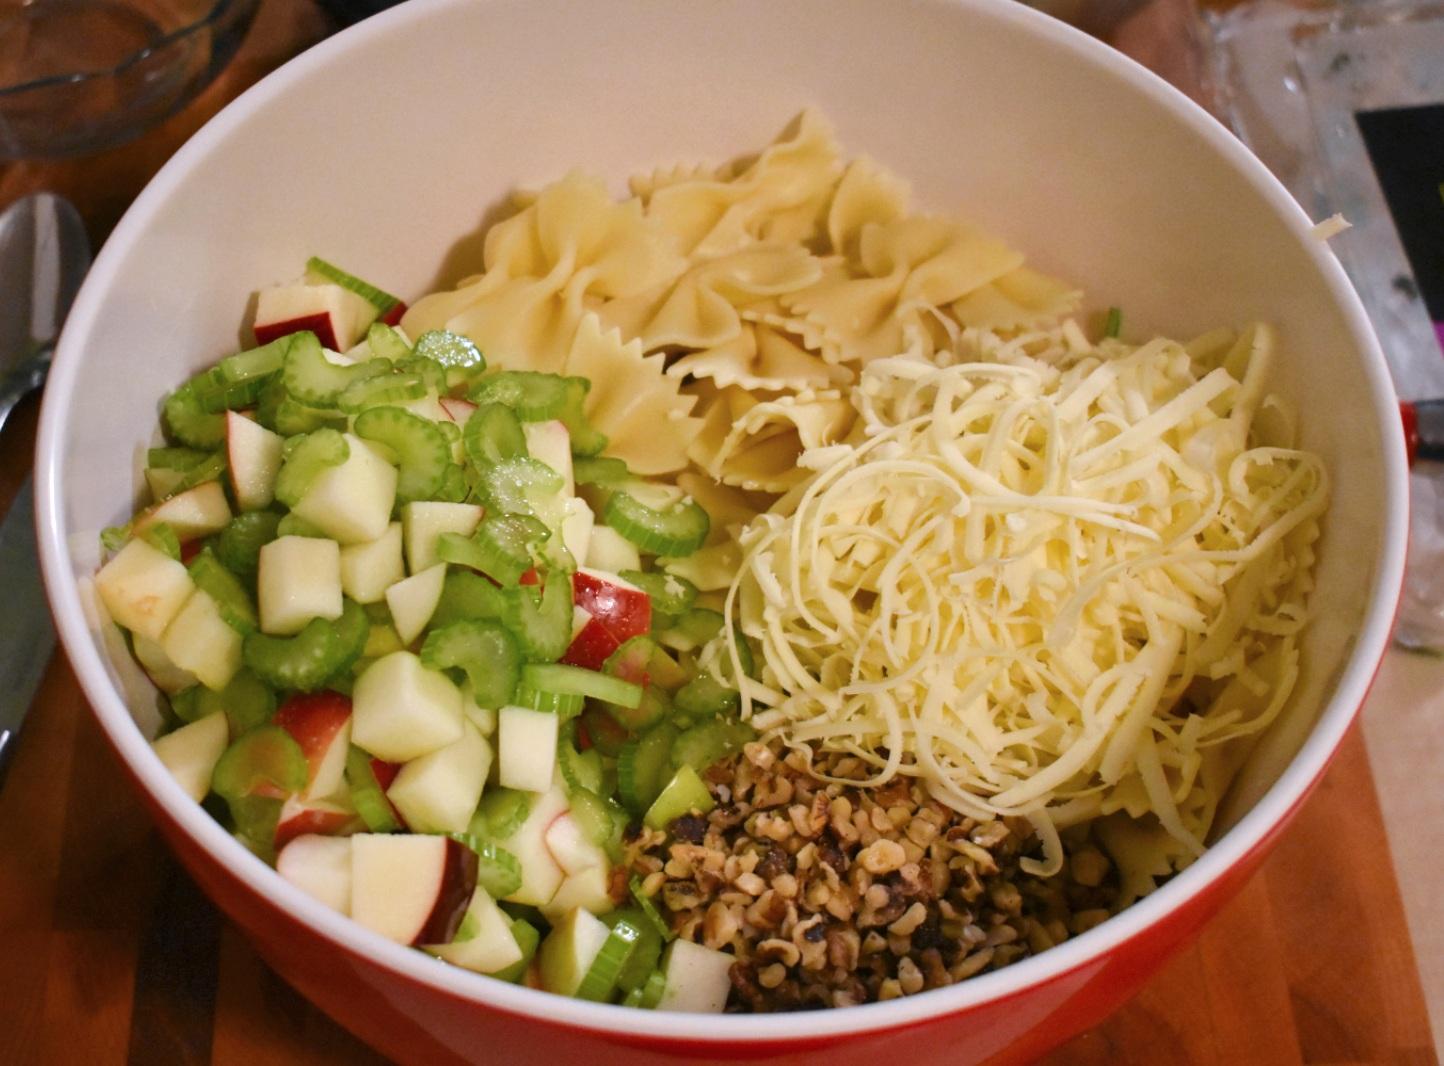 Salade de pâtes style César aux pommes et au céleri - Auboutdelalangue.com (3)